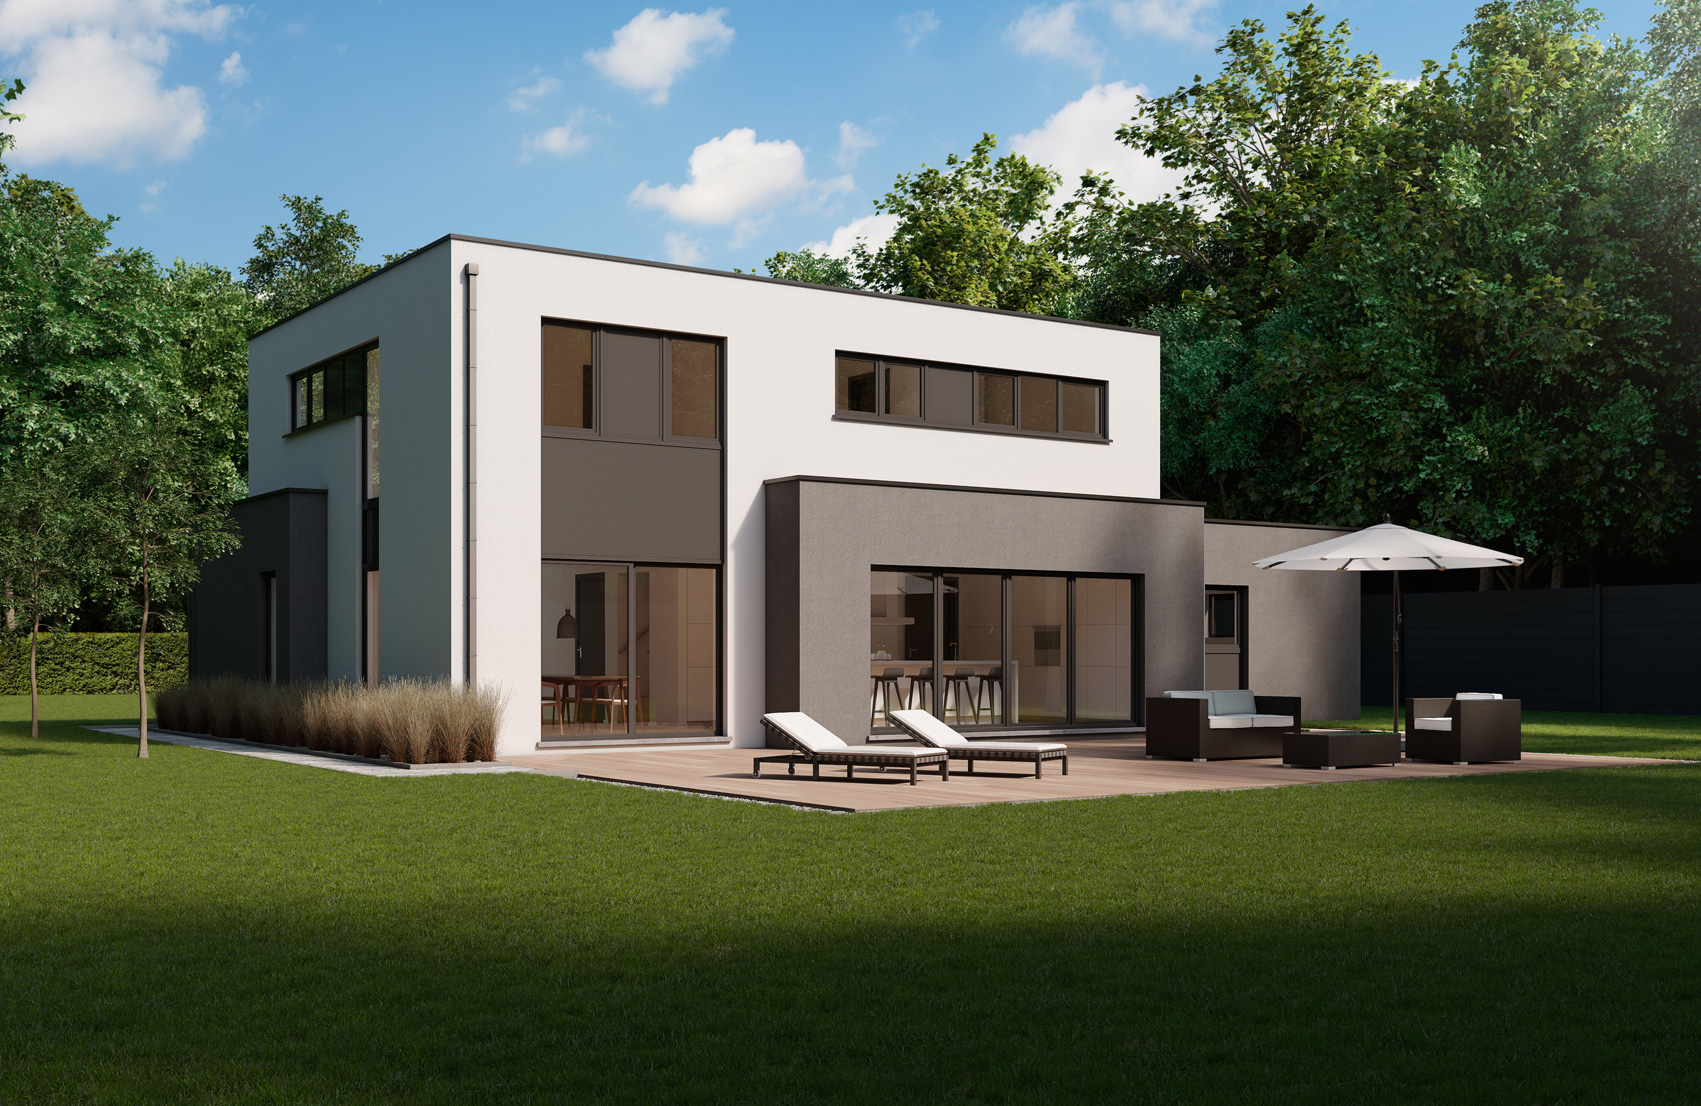 Delta constructions maison cl sur porte warnant dreye for Maison cle sur porte avec terrain compris